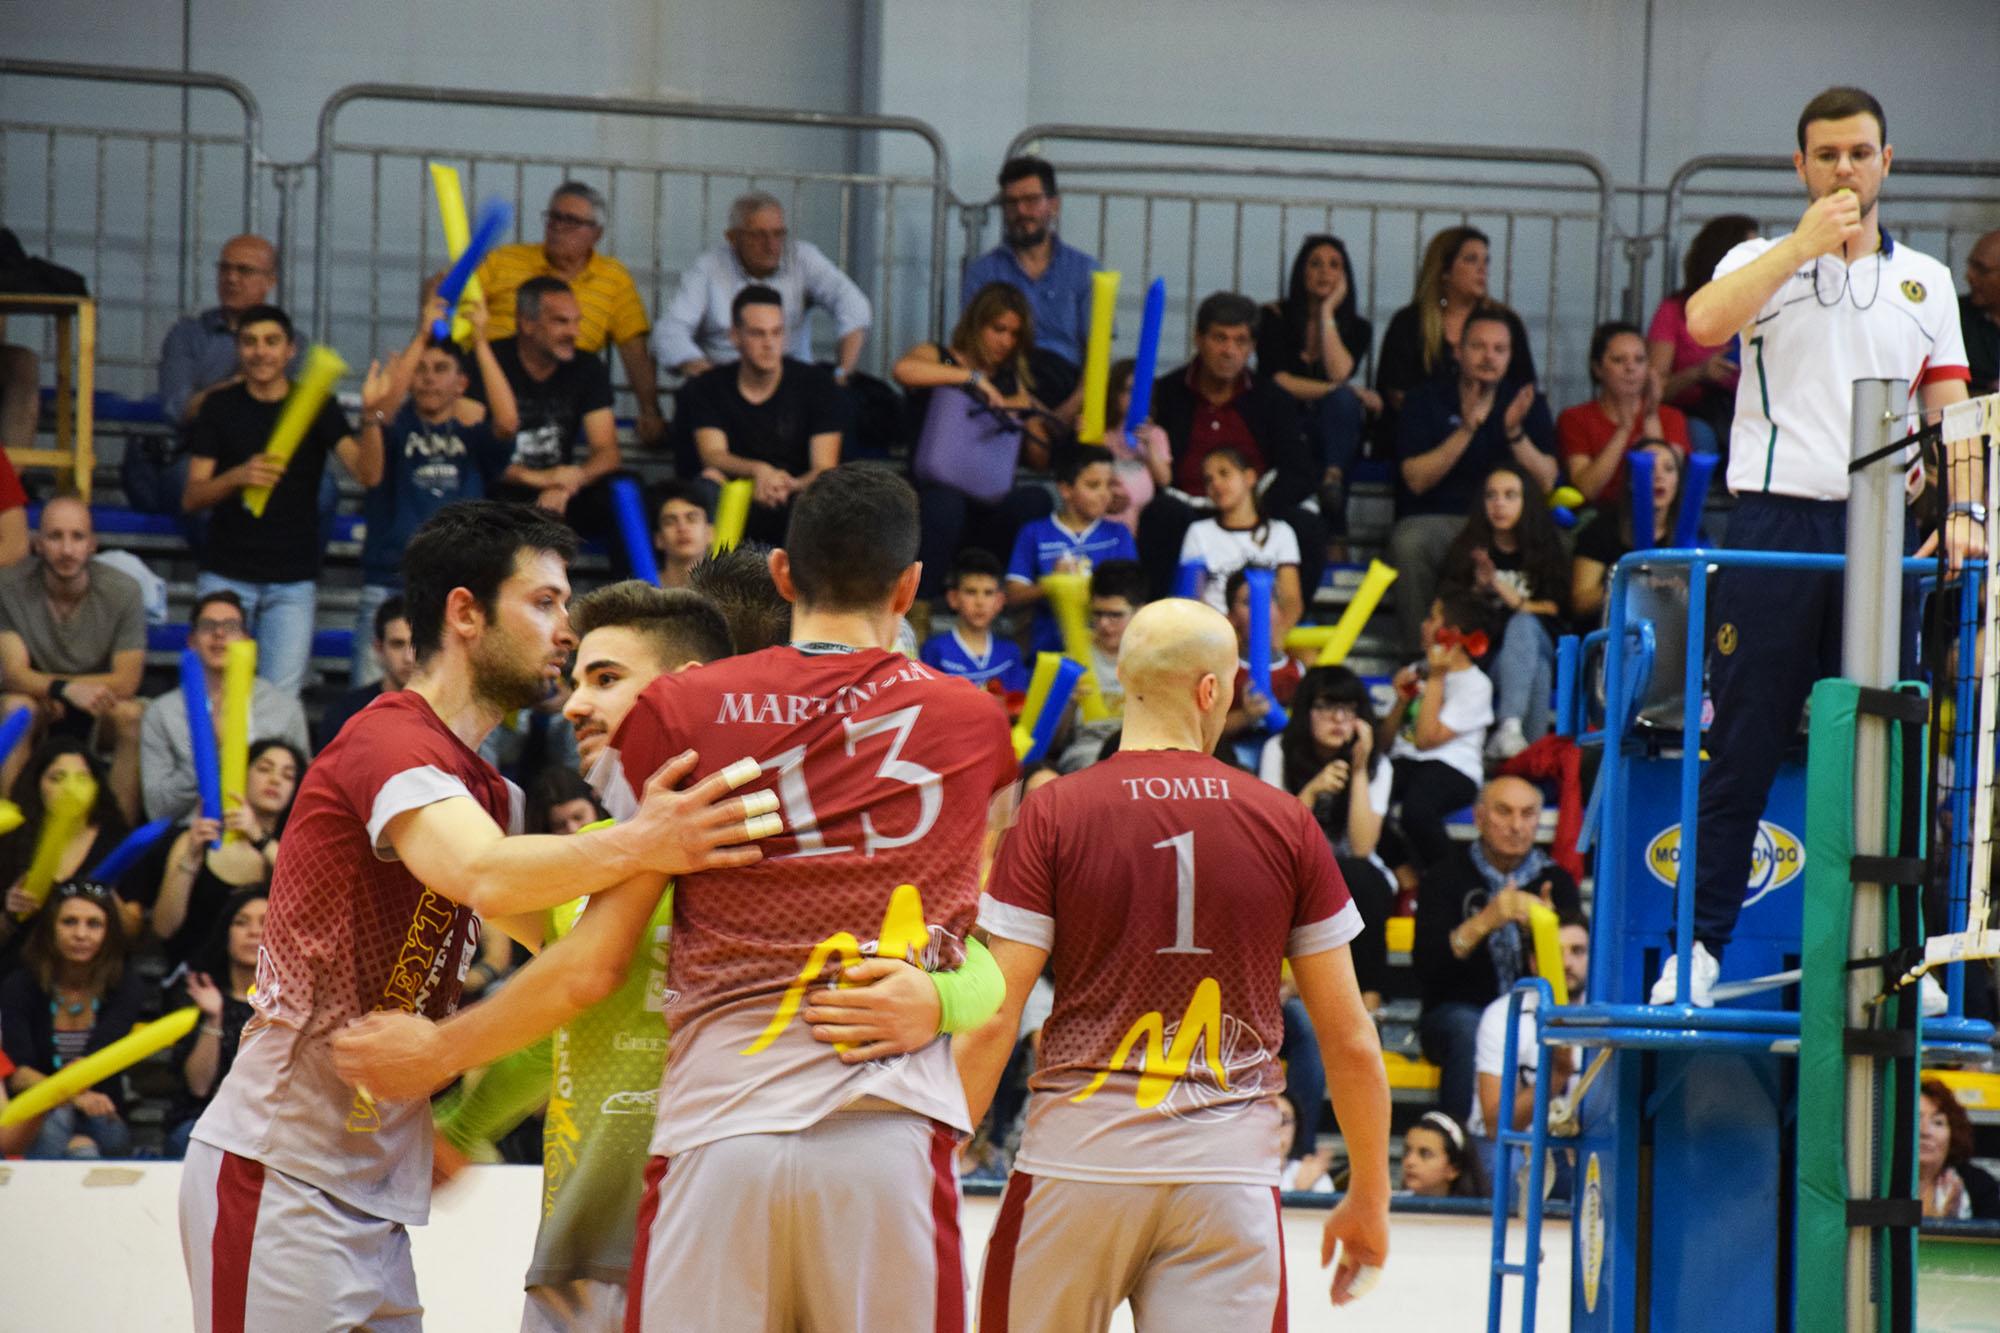 Calendario Volley.Volley Team Monterotondo Il Calendario Ufficiale Della Serie C